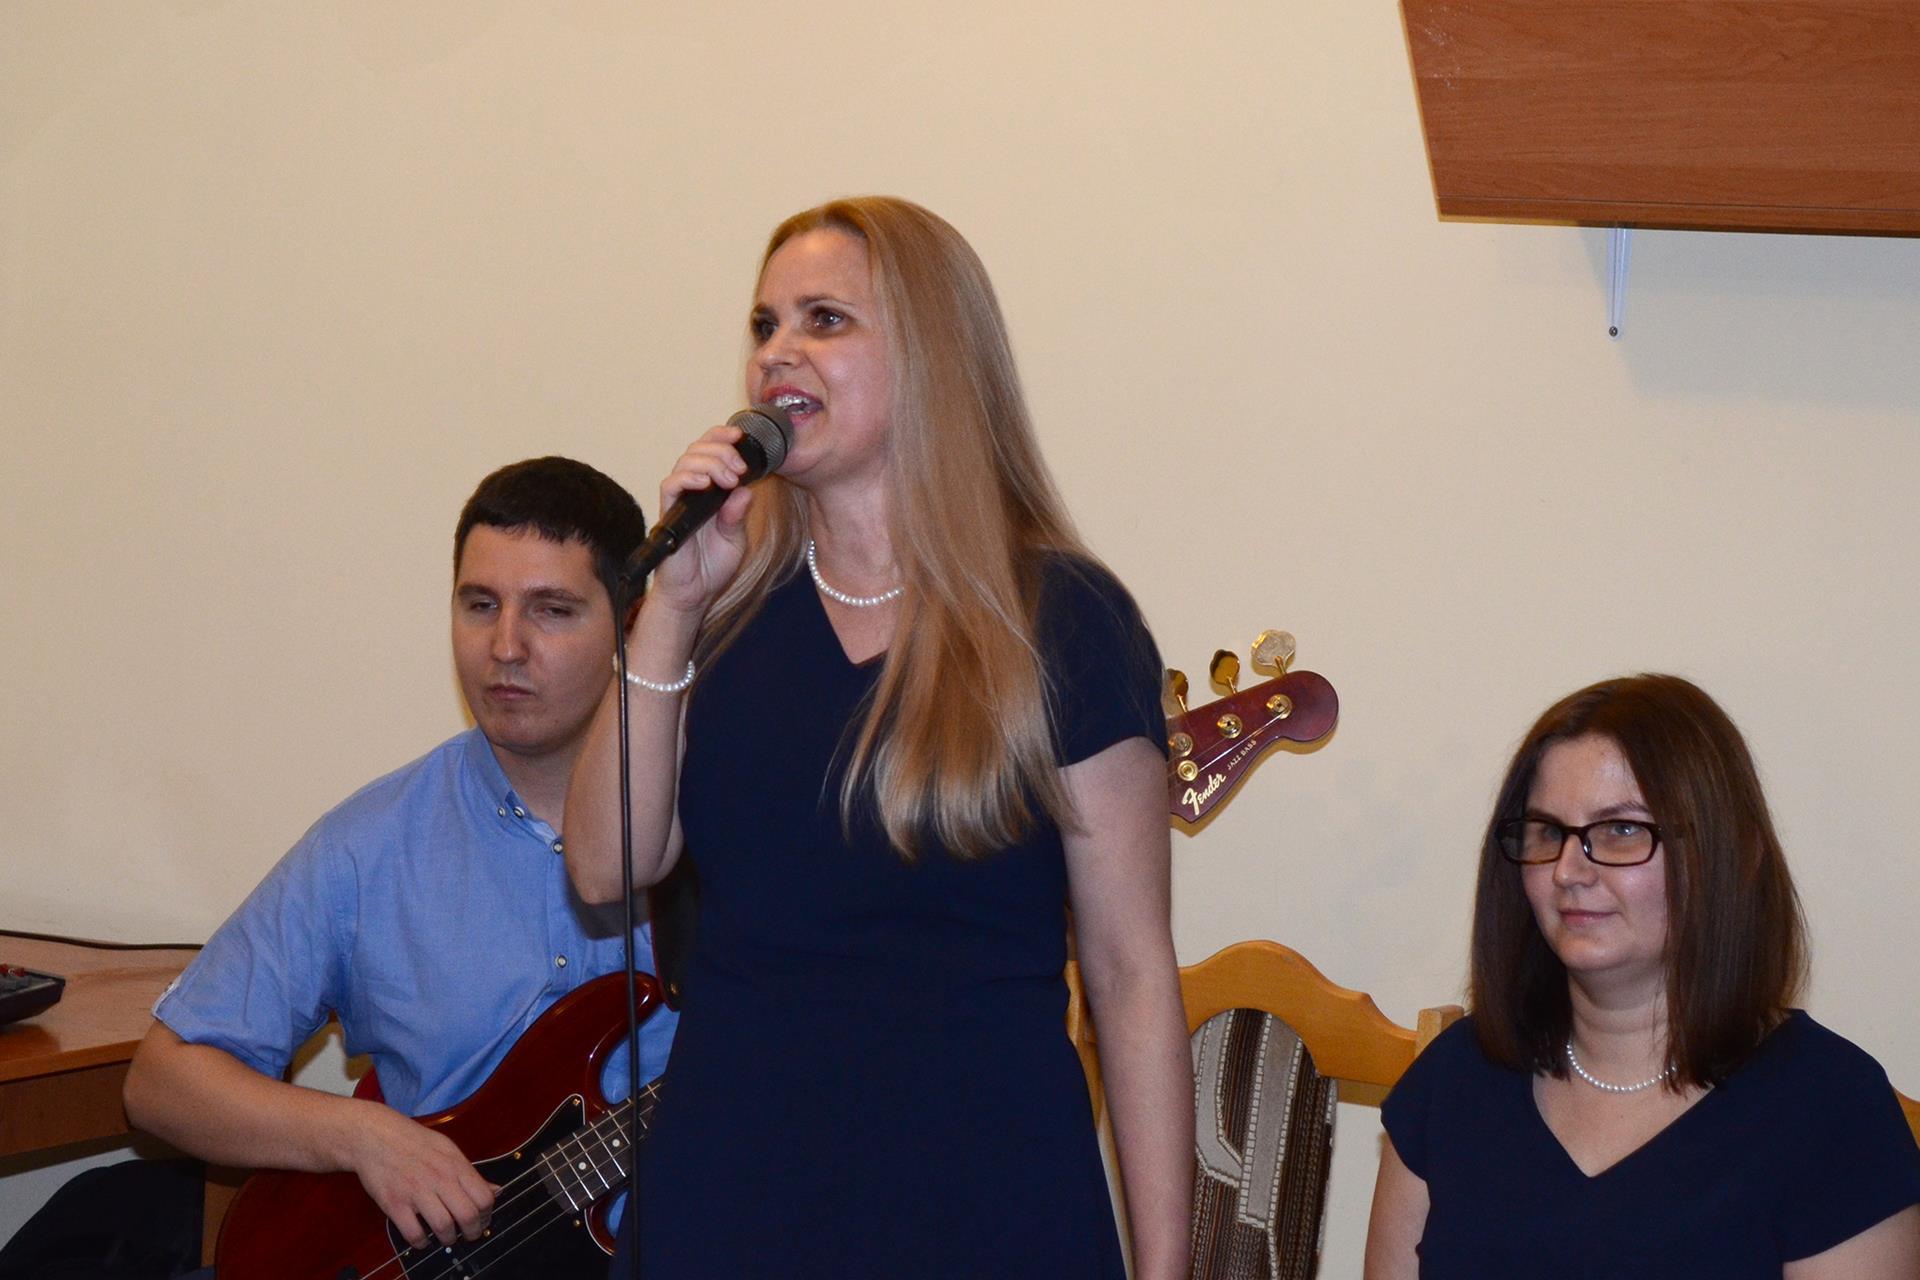 Na zdjęciu znajdują się trzy osoby. Jeden mężczyzna, który gra na basie, i dwie kobiety. Jedna stoi, śpiewa, a druga siedzi.